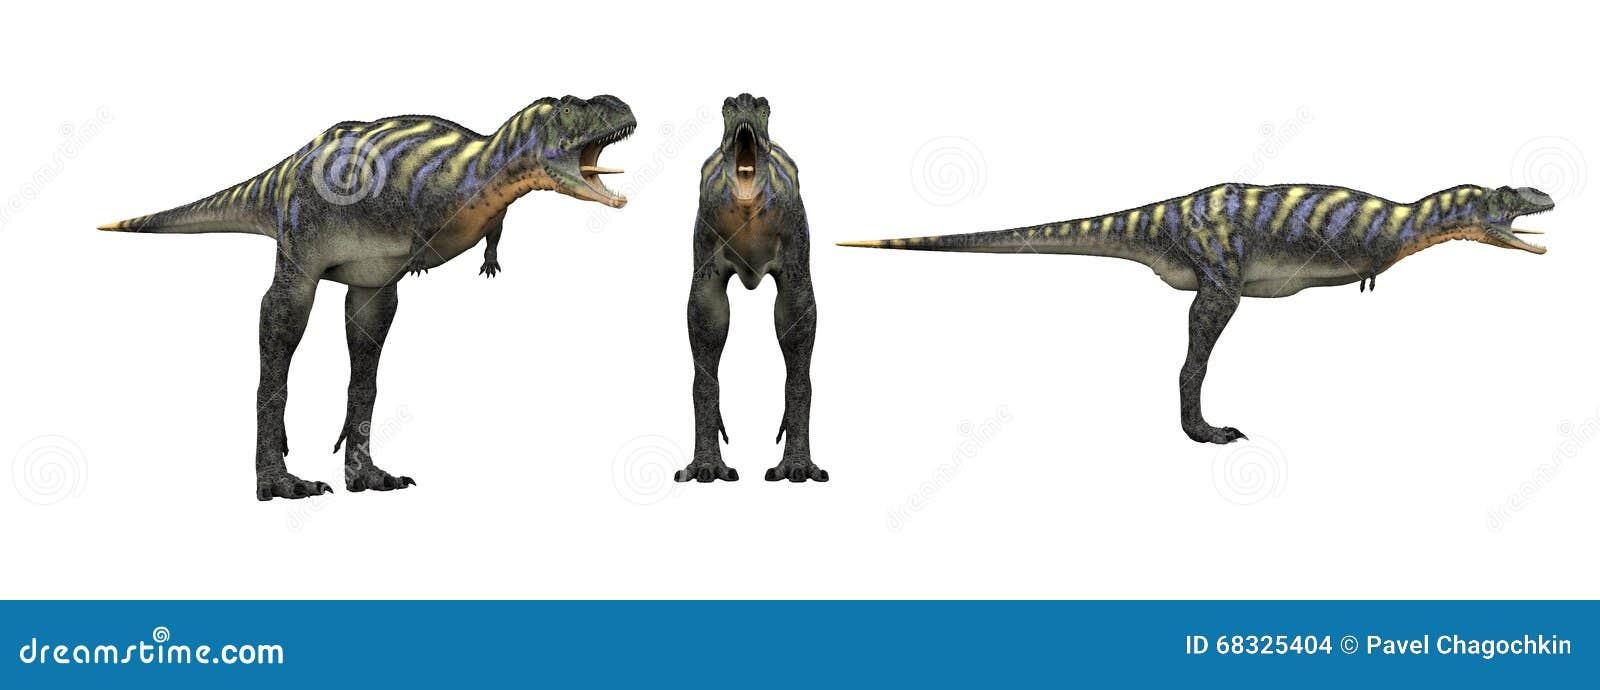 Aucasaurus De dinosaurus isoleert op wit